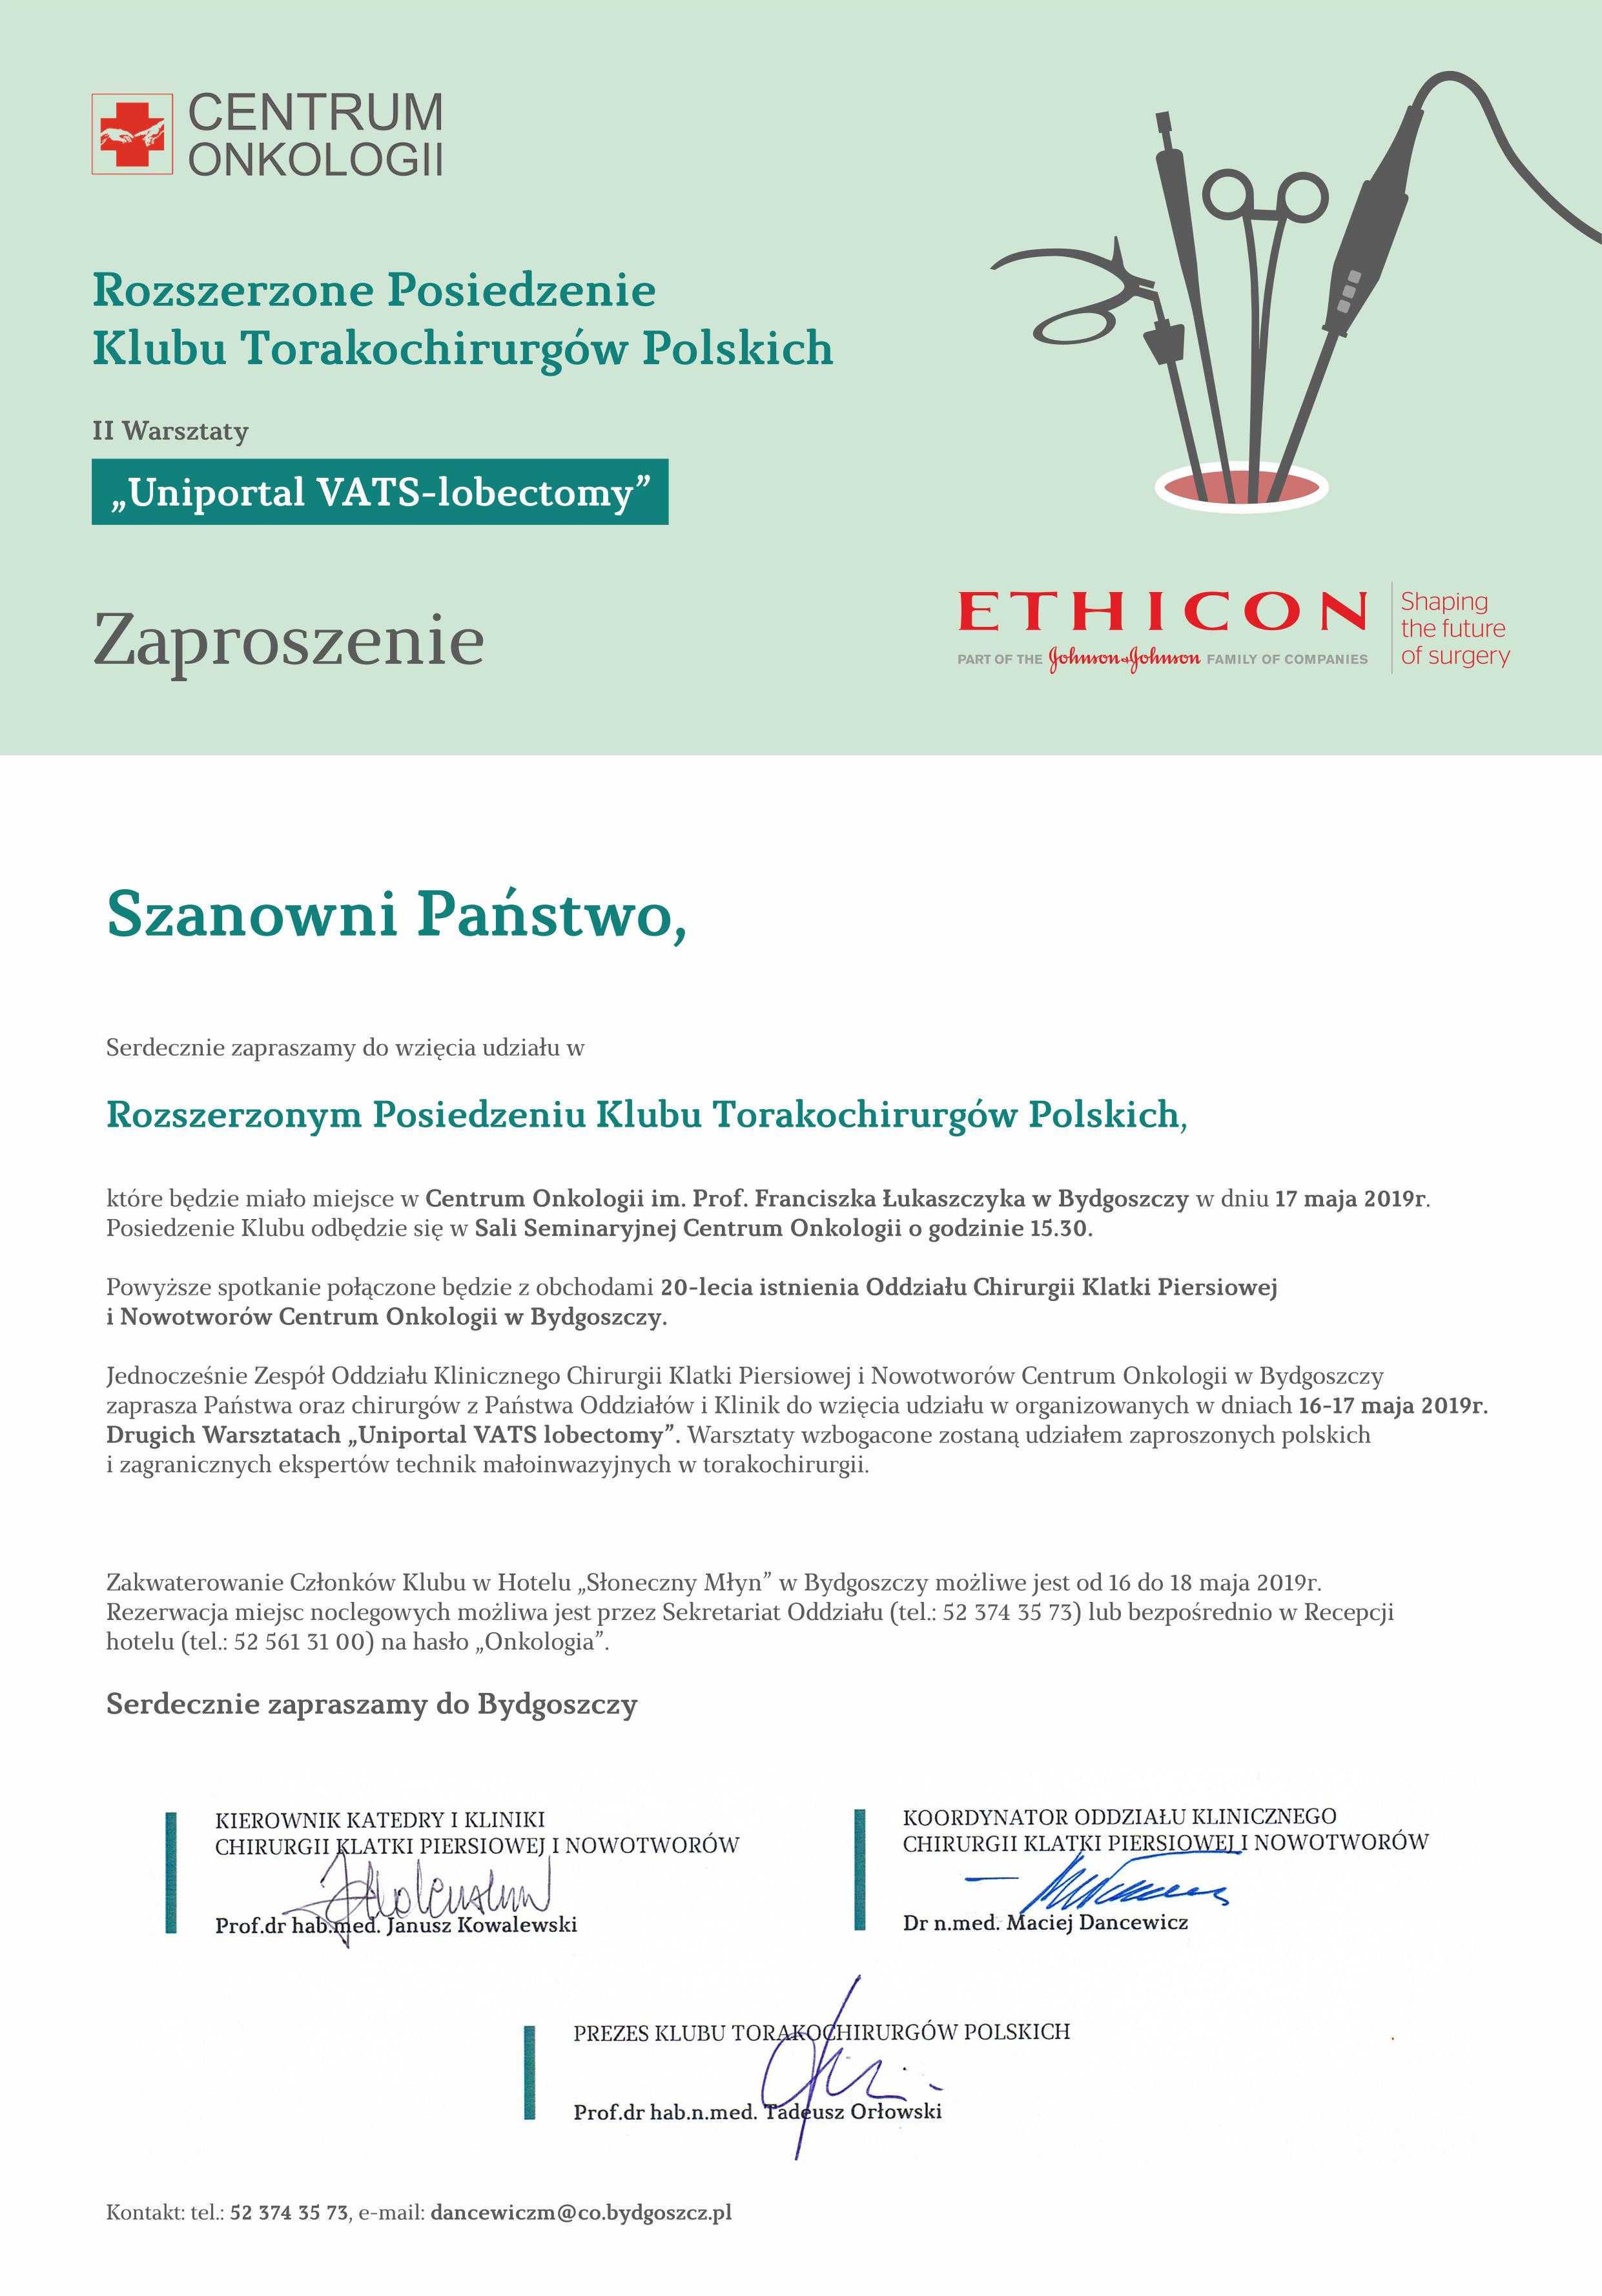 II Warsztaty Uniportal VATS-lobectomy wraz z Rozszerzonym Posiedzeniem Klubu Torakochirurgów Polskich